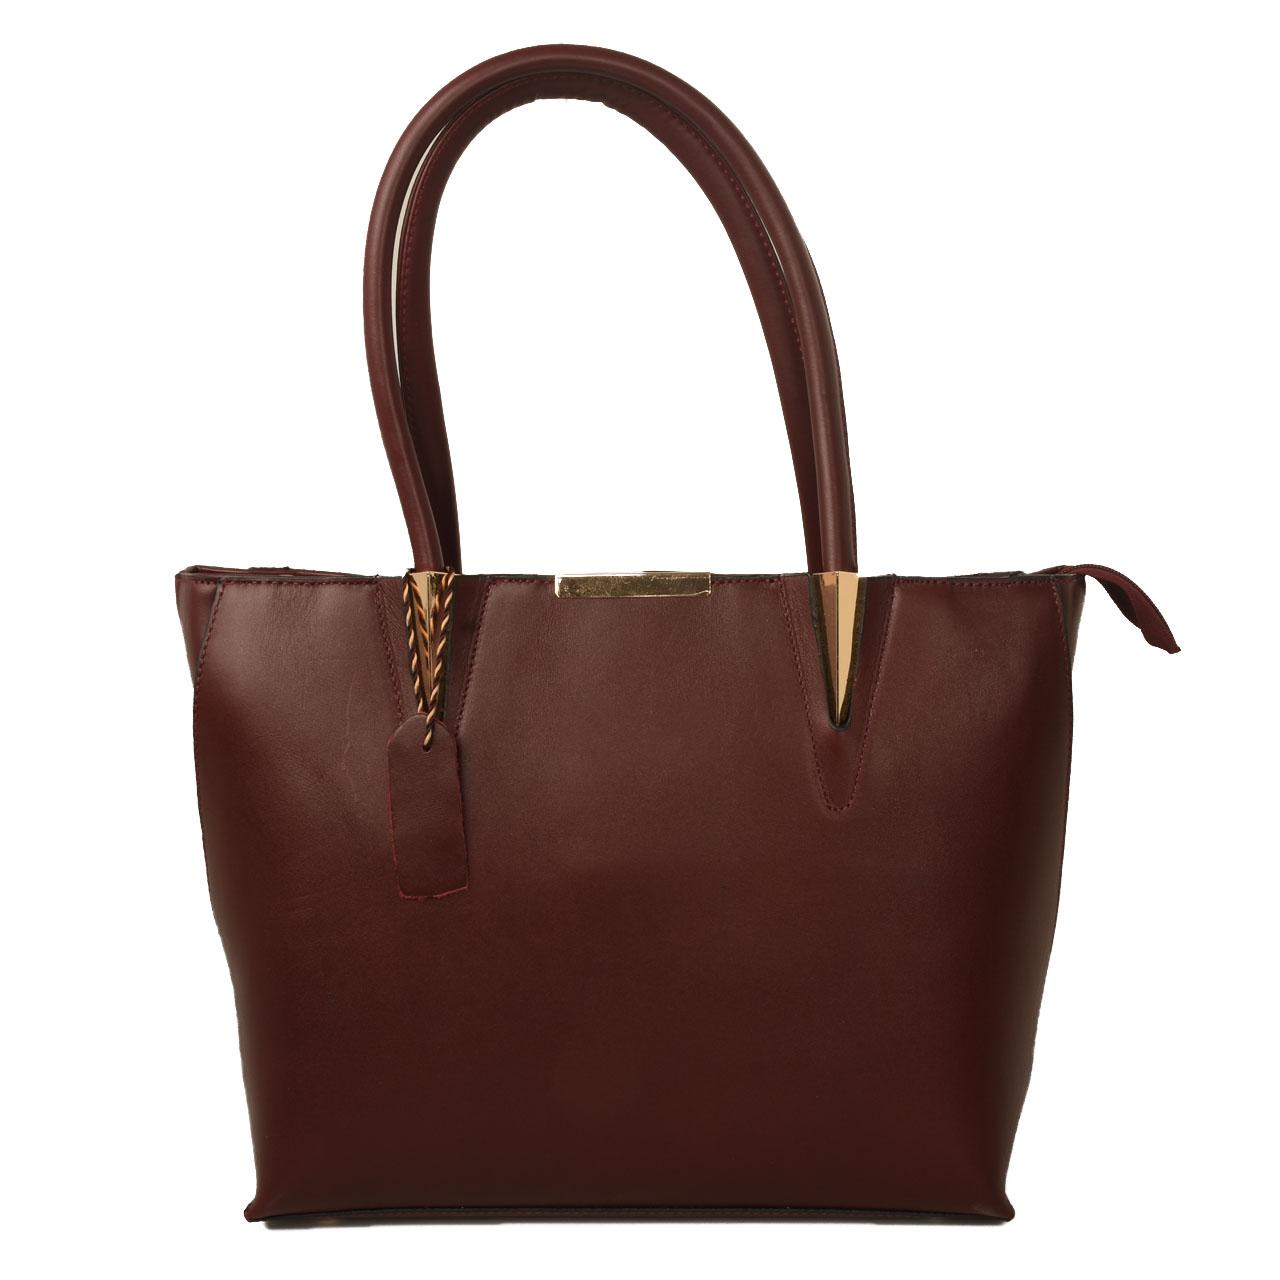 کیف دستی زنانه پارینه مدل PLV107-12 تک سایز